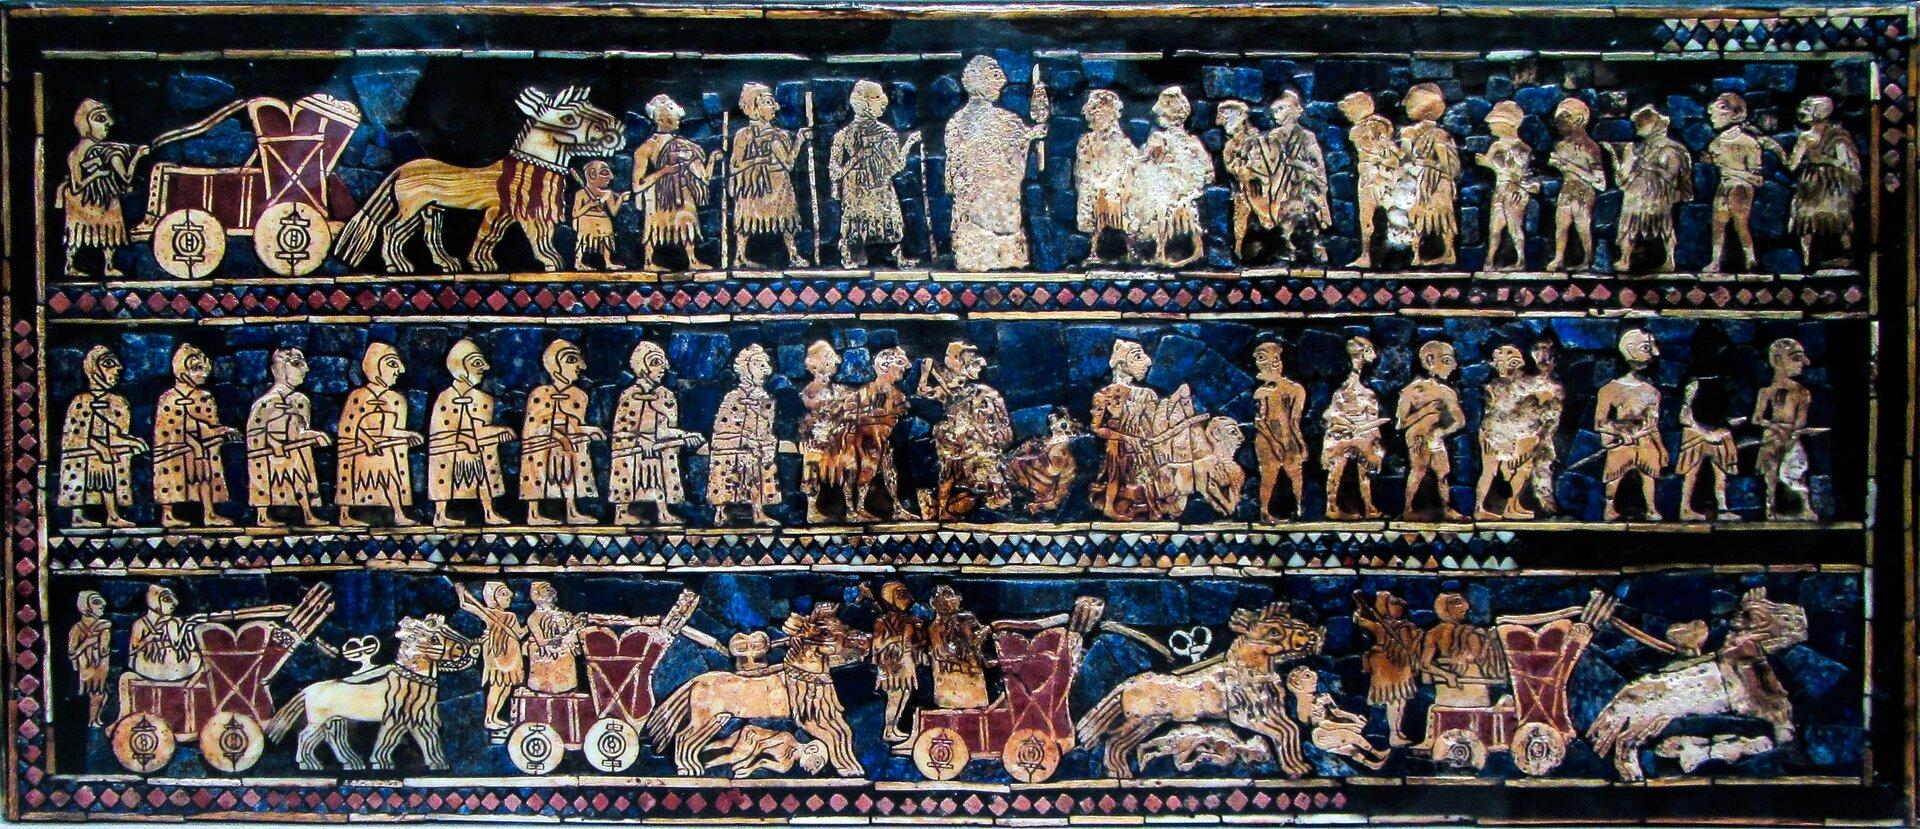 Sztandar zUr, strona wojenna Sztandar zUr, strona wojenna Źródło: LeastCommonAncestor, Wikimedia Commons, licencja: CC BY-SA 3.0.